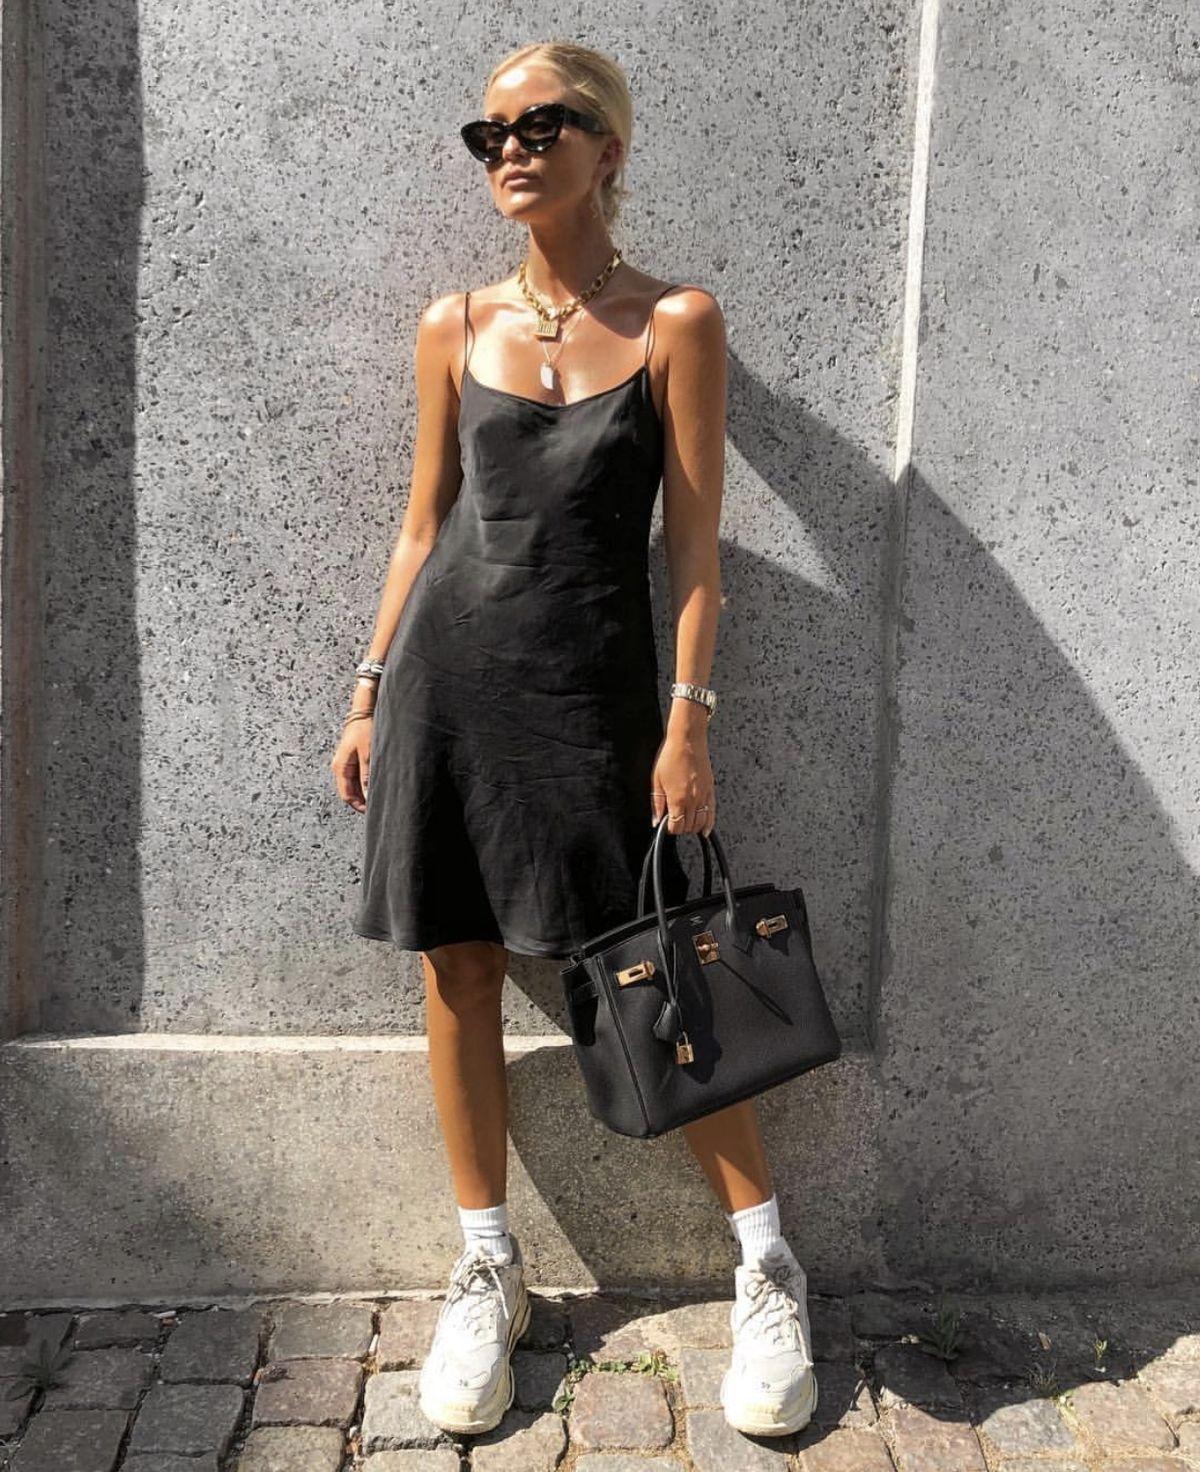 Pin By Mimi Mimic On Style Fashion Black Slip Dress Fashion Outfits [ 1472 x 1200 Pixel ]